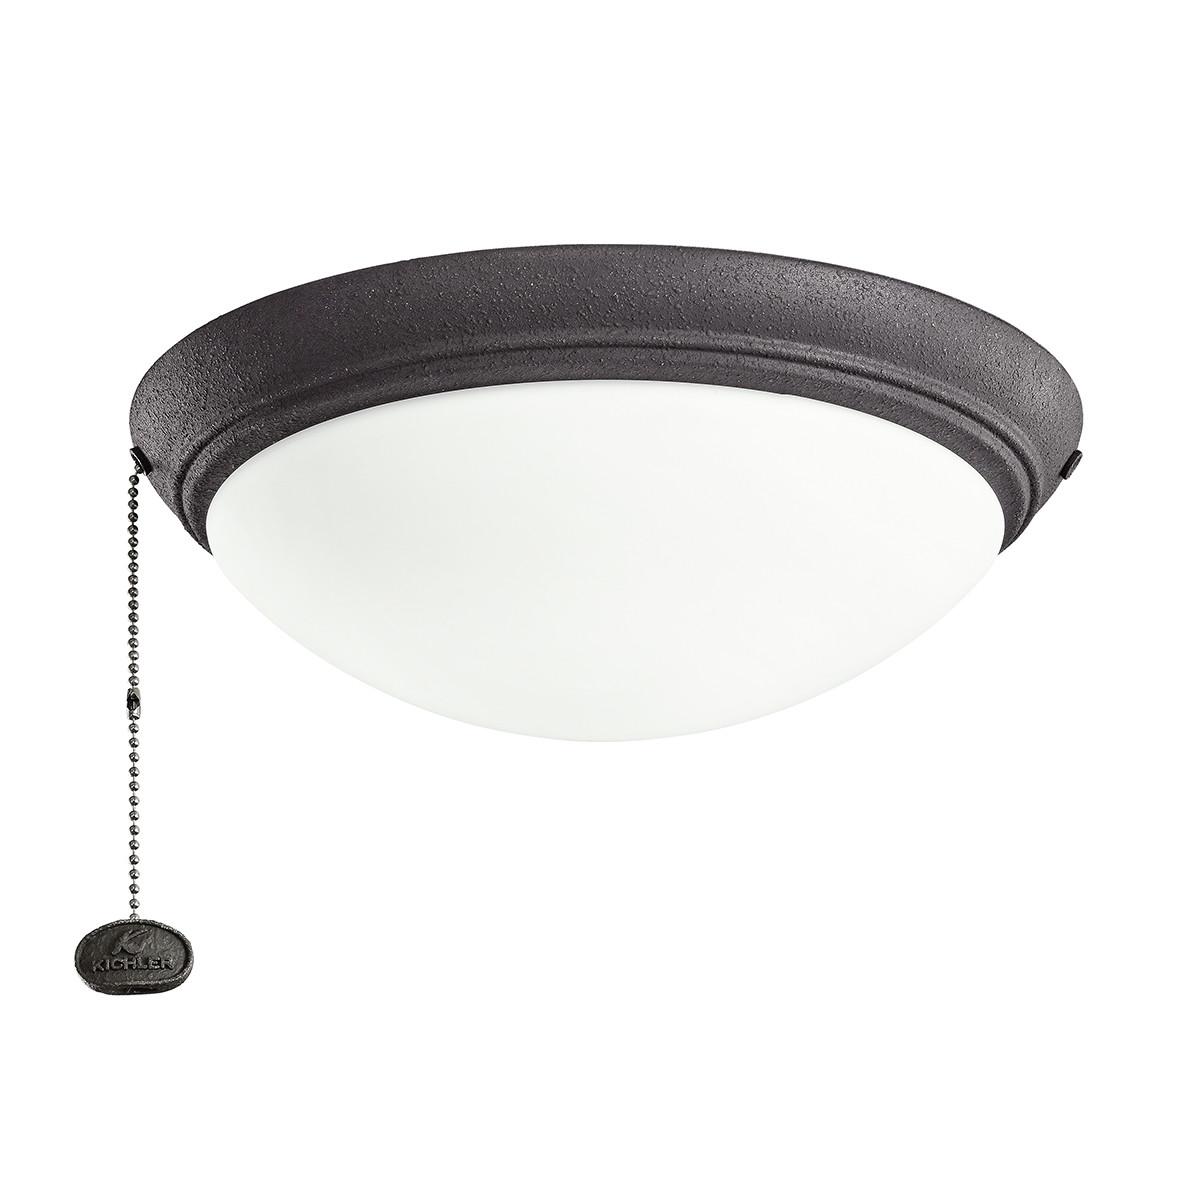 Kichler 338200 Low Profile Led Light Kit Walmart Com